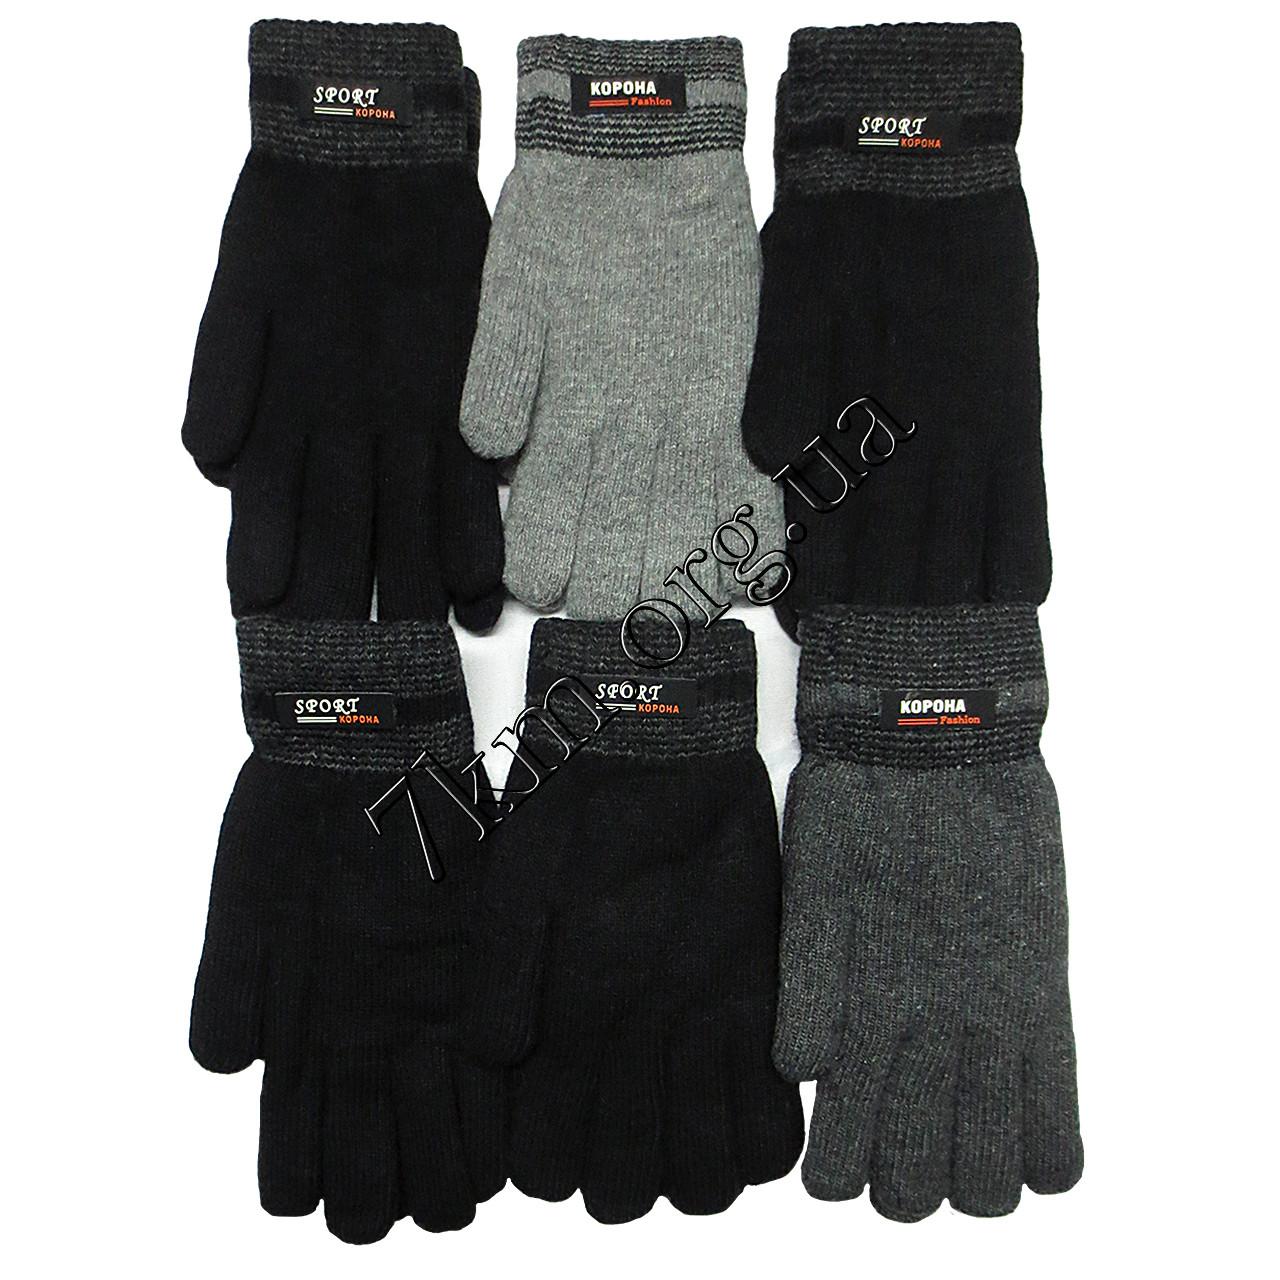 Перчатки мужские двойные махровые Корона Оптом 8102